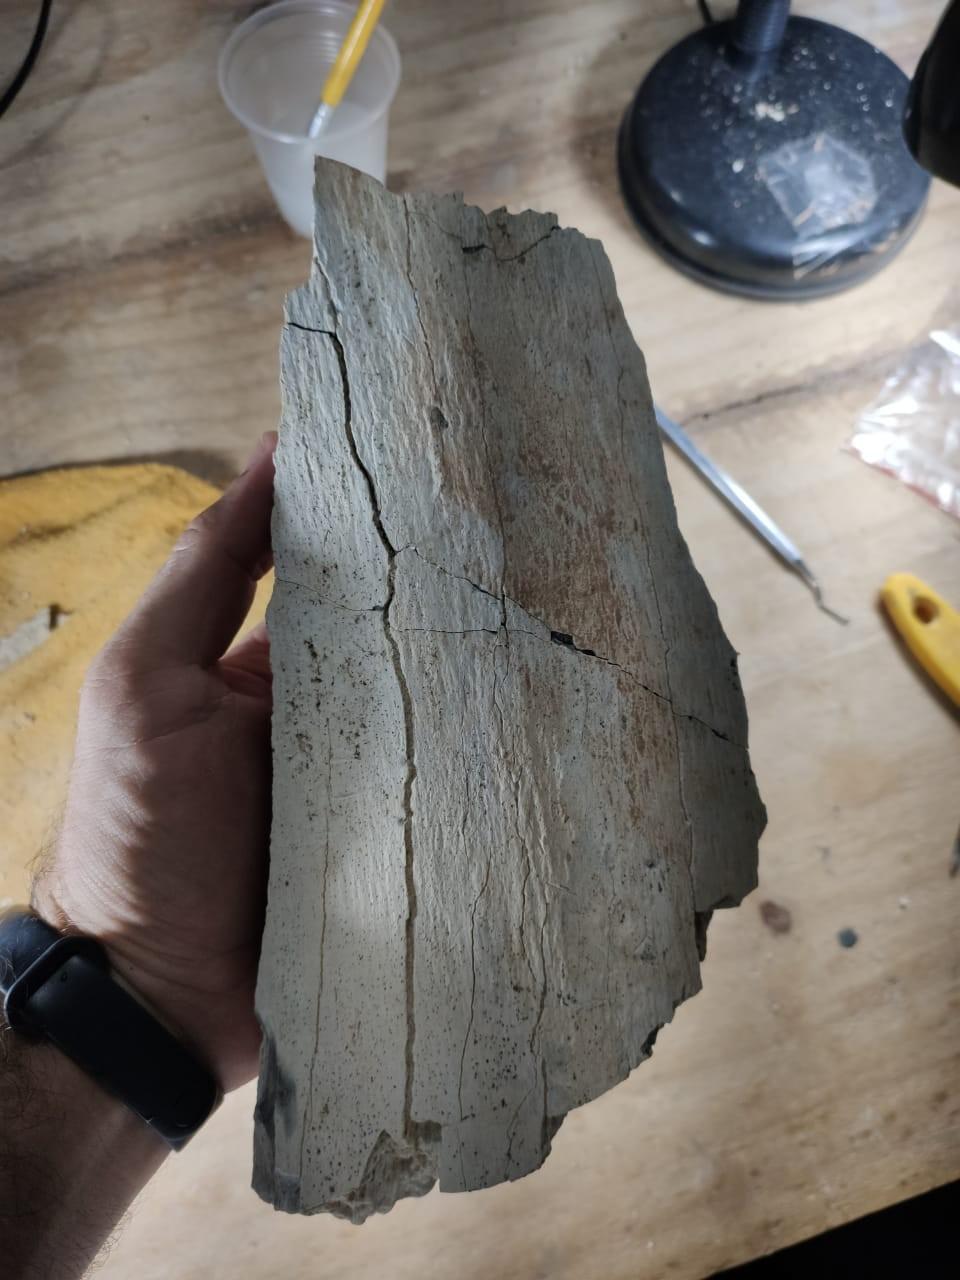 Trabalhadores encontram fósseis de dinossauros durante escavação de galeria em obras de construção de pedágio em rodovia